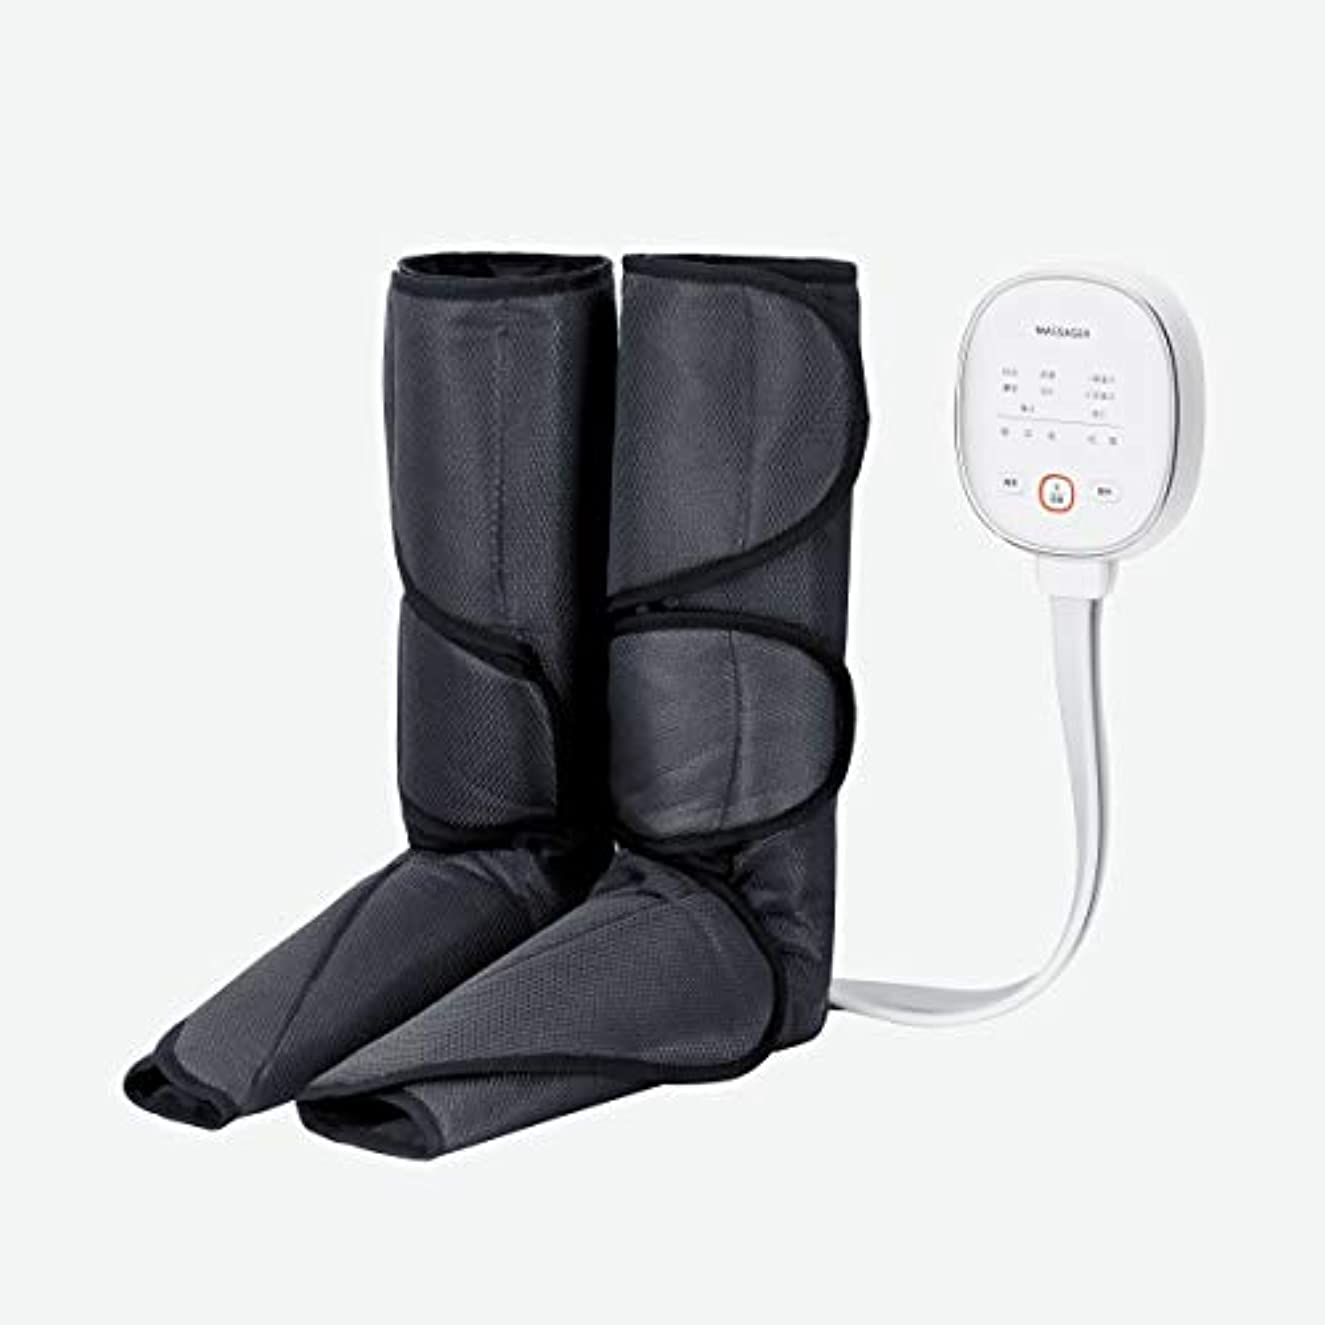 こねるリア王ネイティブマッサージャー フット エアーマッサージャー温感機能搭載 ふくらはぎ 気圧 6つのマッサージコースを 不眠症改善、解消 家庭用&職場用 敬老の日